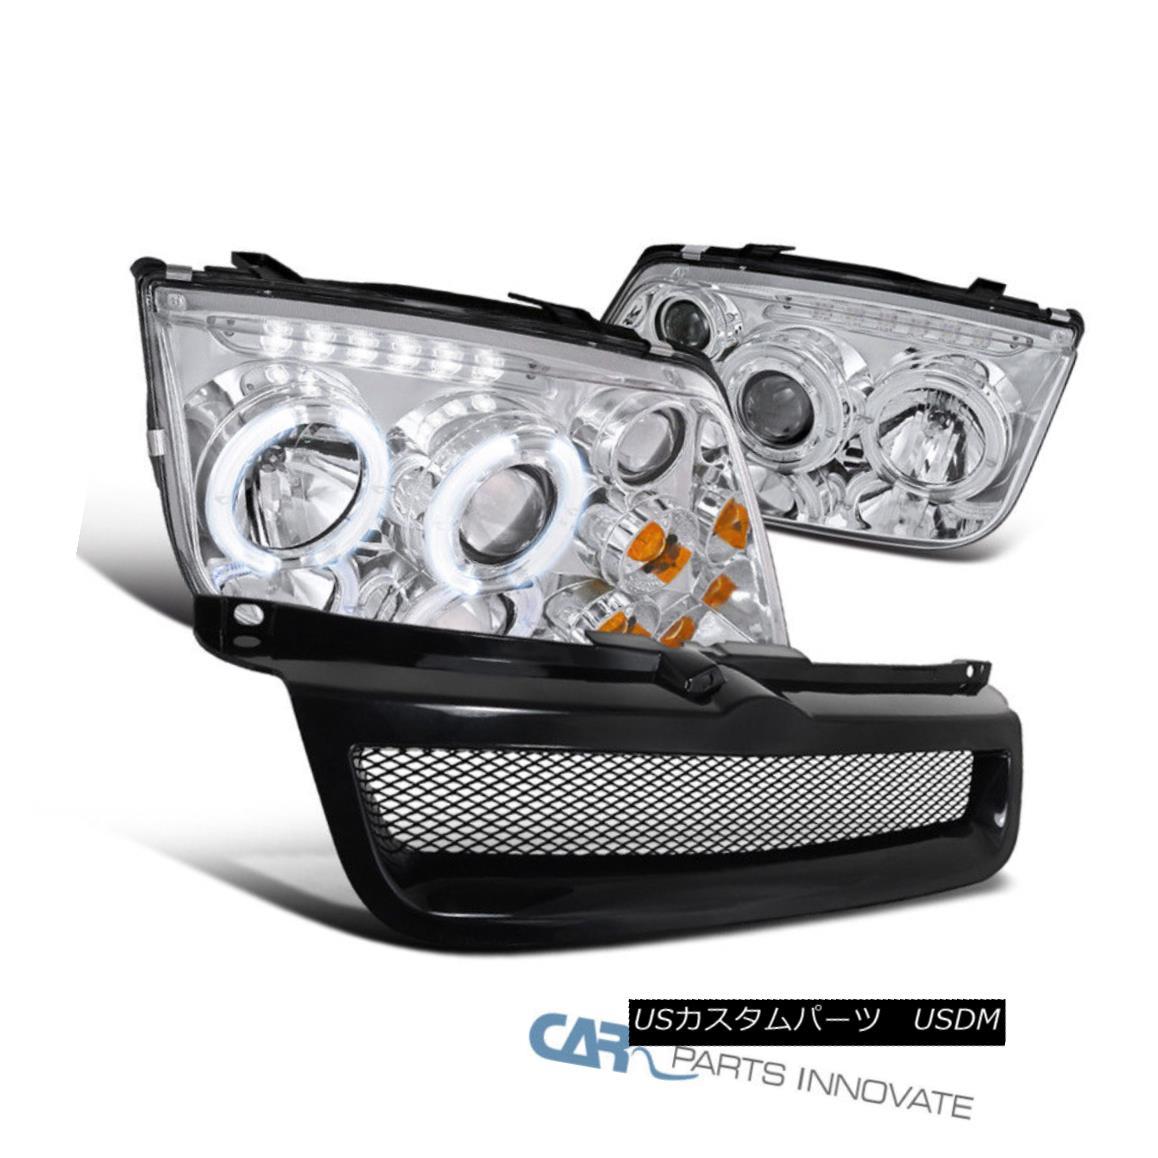 グリル Fit 99-04 VW Jetta Mk4 Clear Halo LED Projector Headlights+Black ABS Hood Grille フィット99-04 VWジェッタMk4クリアハローLEDプロジェクターヘッドライト+ Bla ck ABSフードグリル